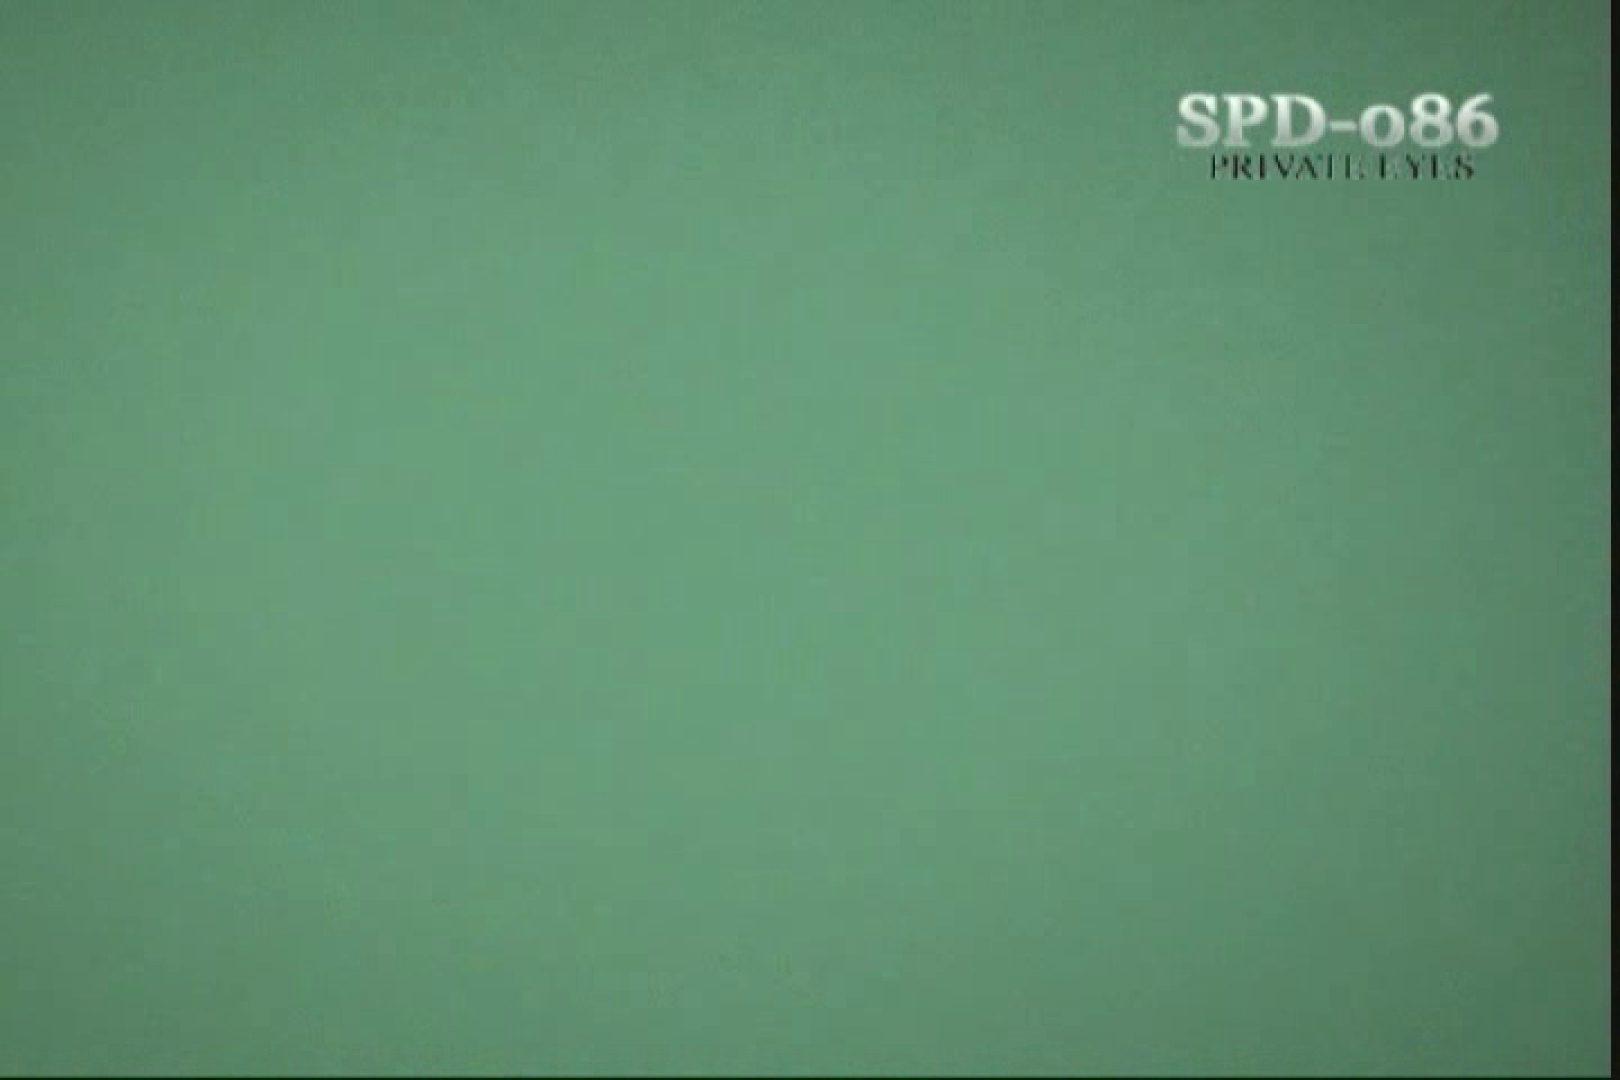 高画質版!SPD-086 盗撮・厠の隙間 3 ~厠盗撮に革命前代未分の映像~ 厠・・・ アダルト動画キャプチャ 97PIX 12